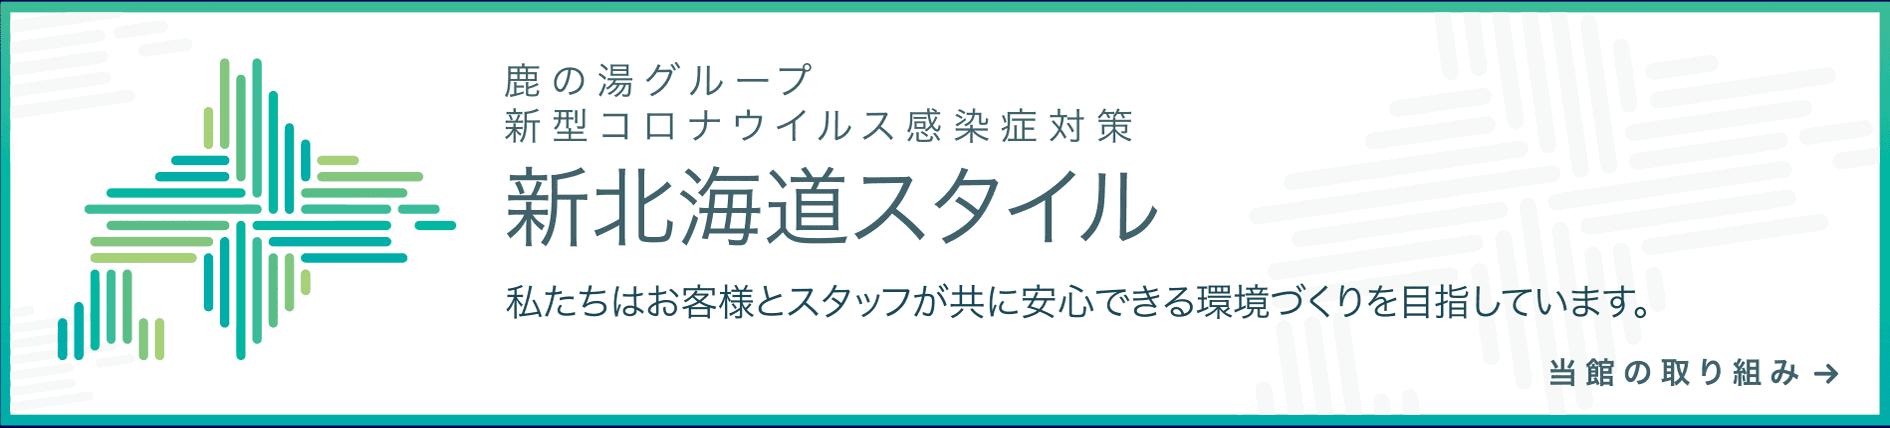 北海道 korona